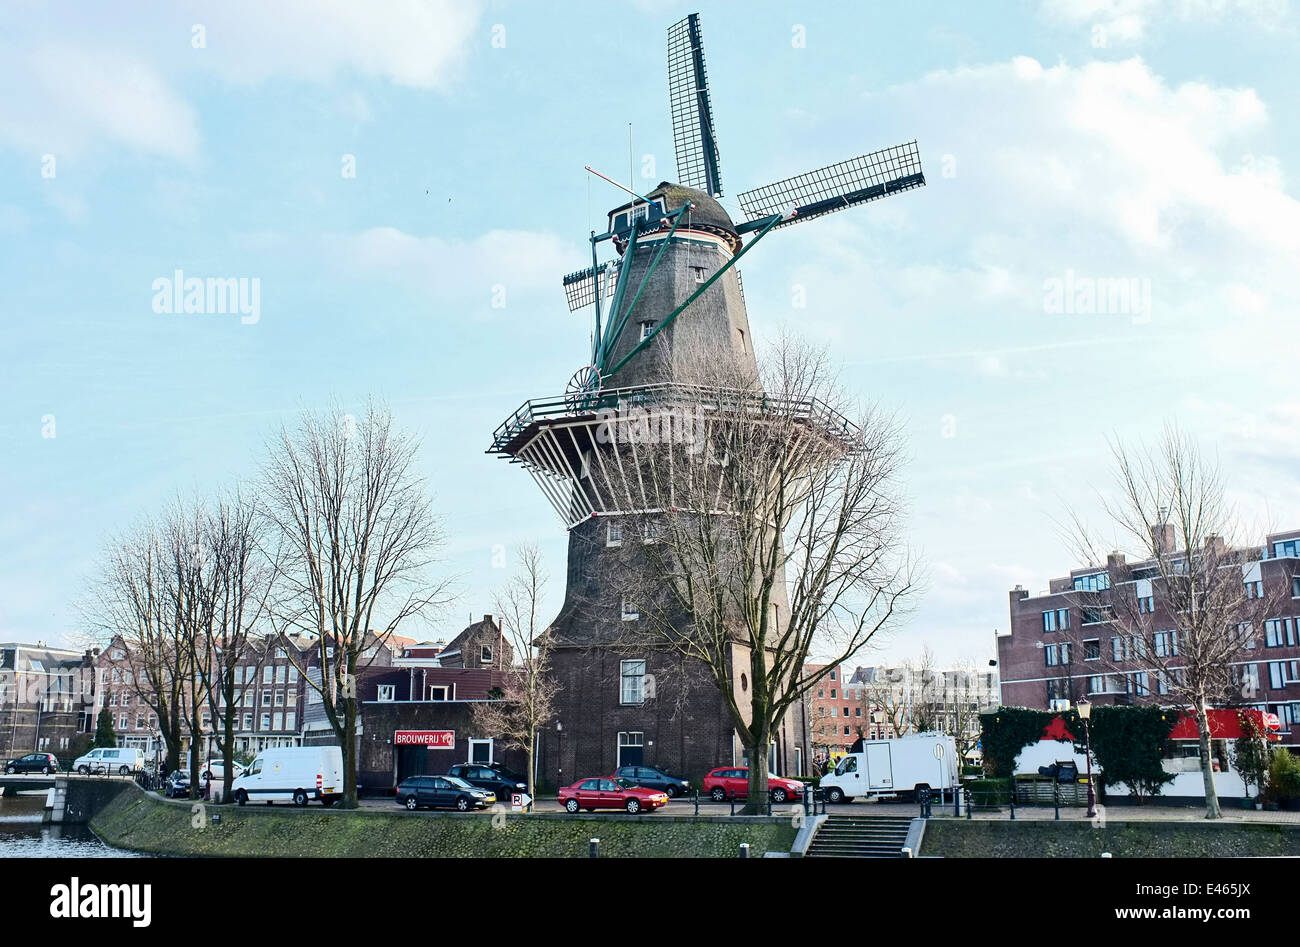 Brouwerij 't IJ AND WINDMILL, Molen De Gooyer, AMSTERDAM - Stock Image